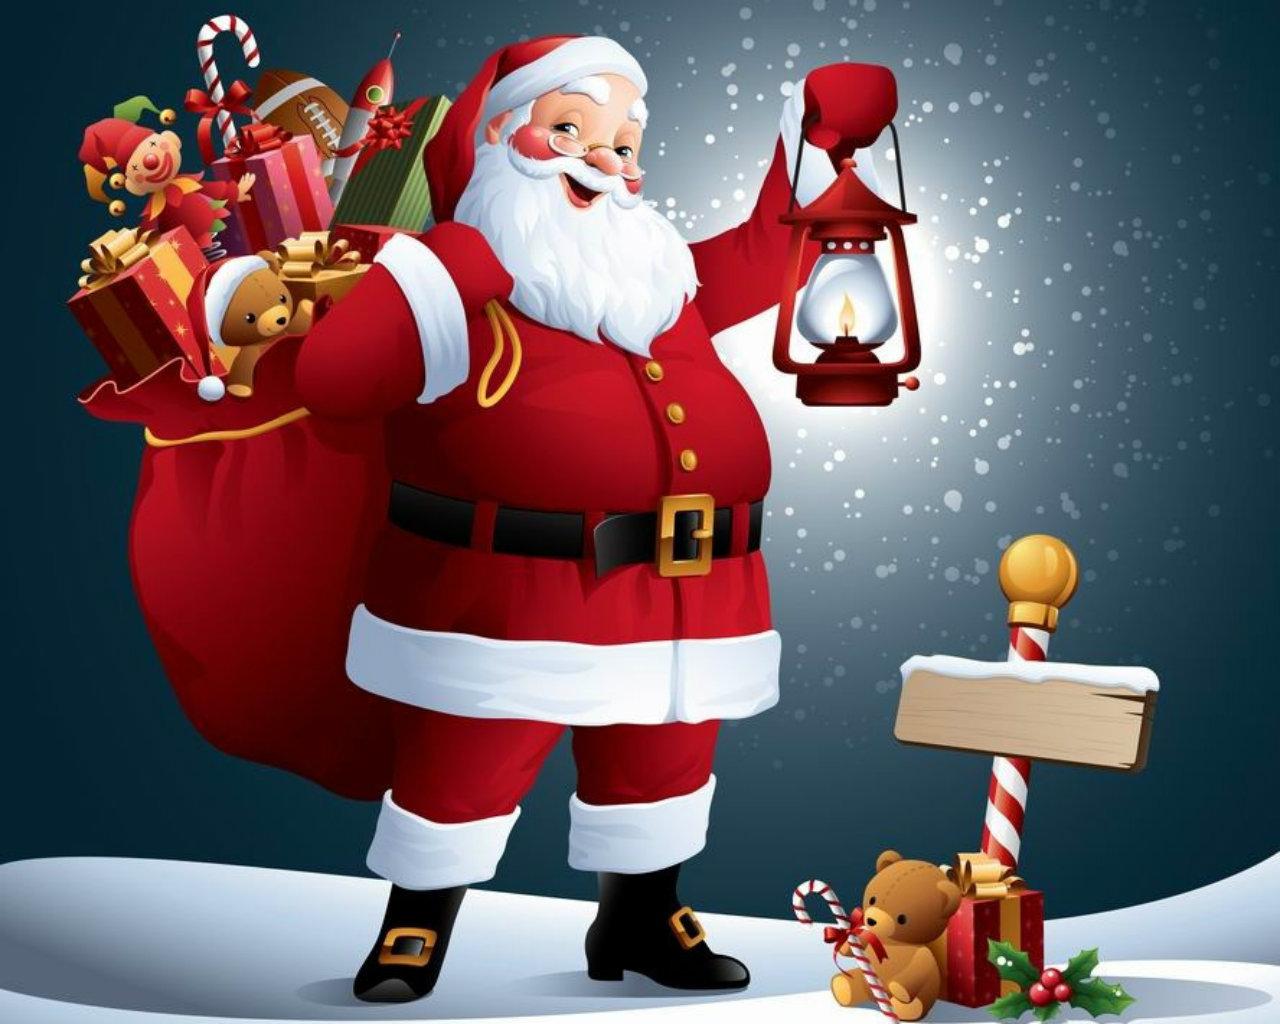 free santa claus image